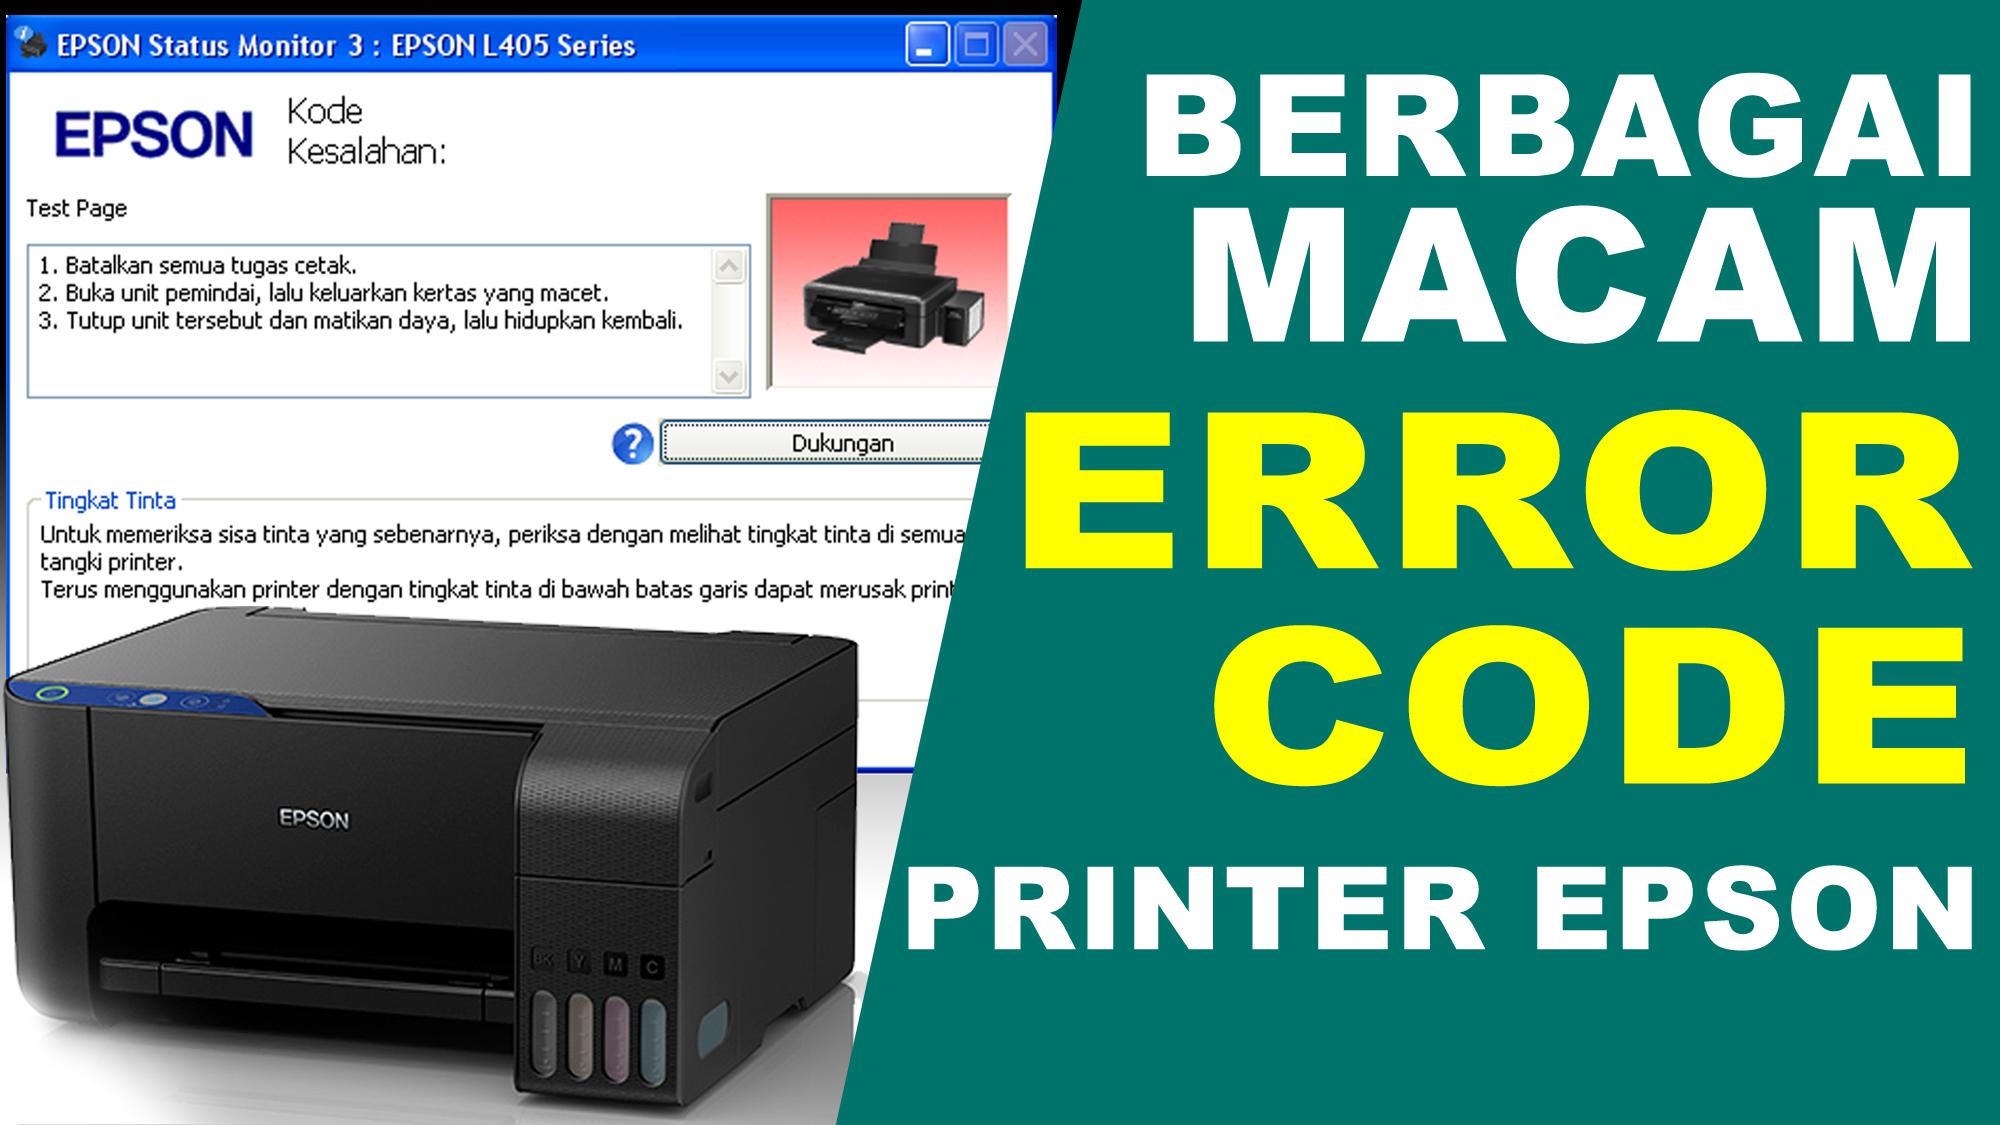 Berbagai Macam Code Error Printer Epson Kode Kesalahan Printer Epson Pakdhe Bengals